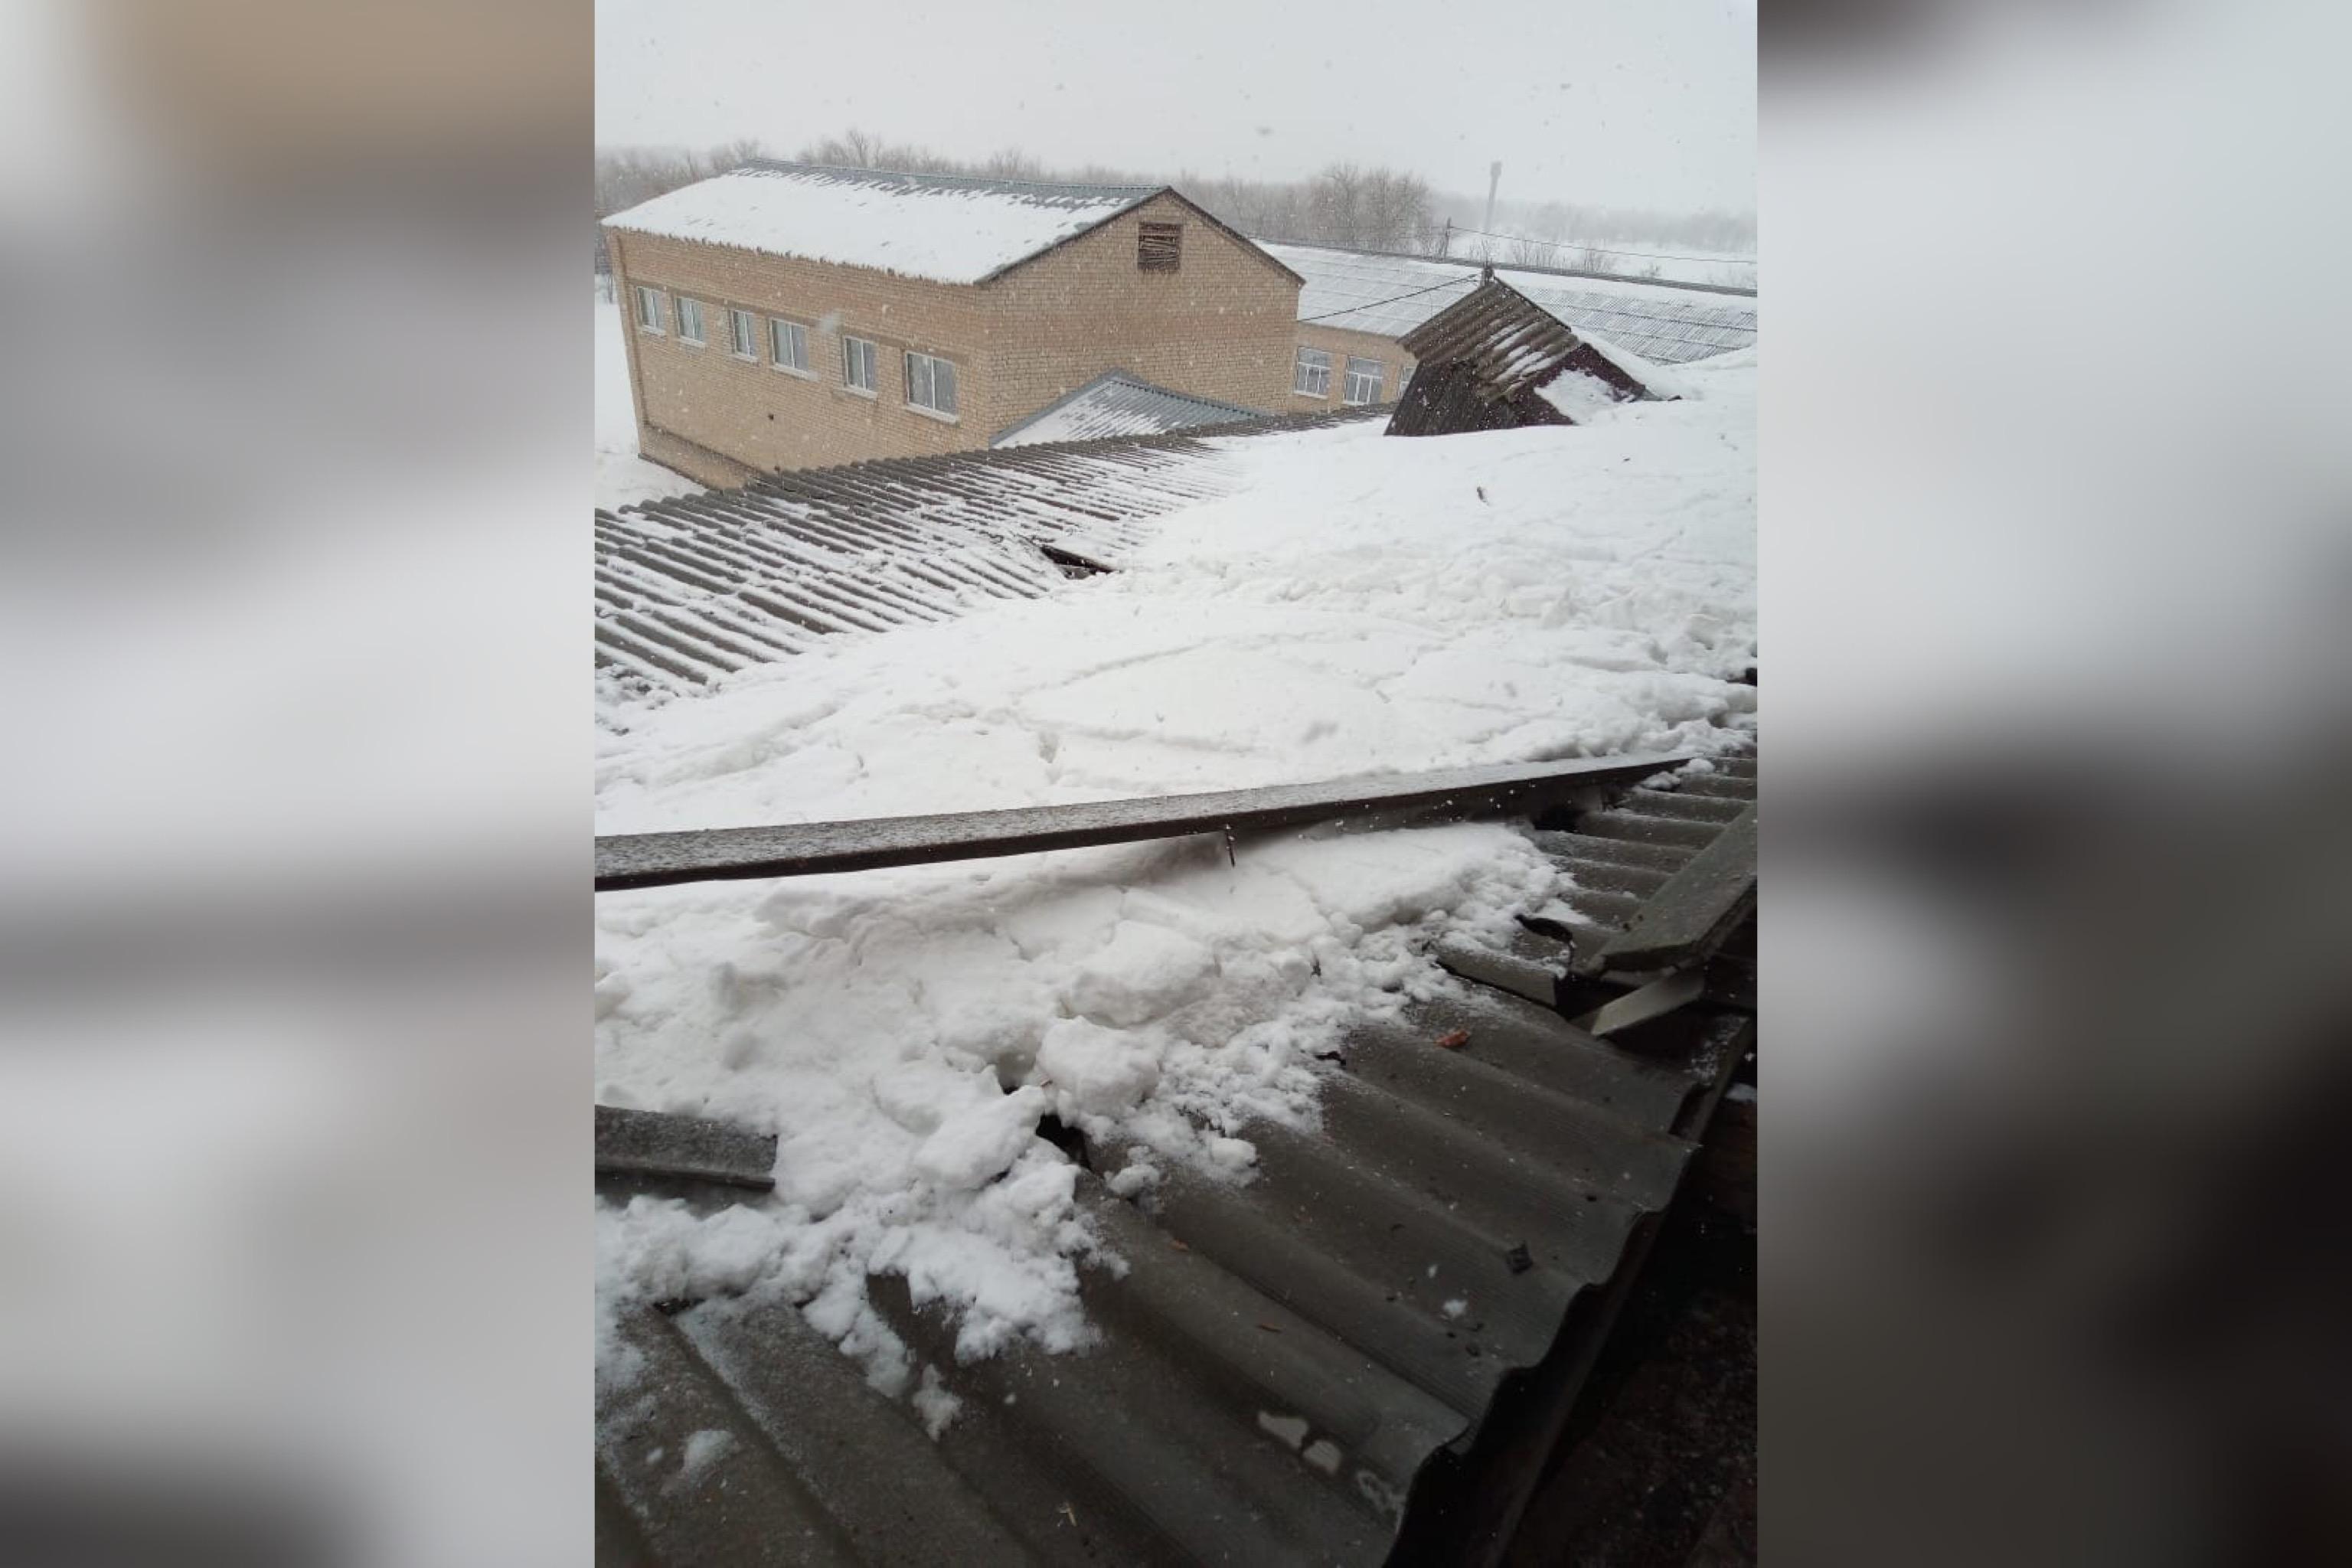 В селе Ясная Поляна в Ташлинском районе обрушилась кровля школы. На место выехал прокурор